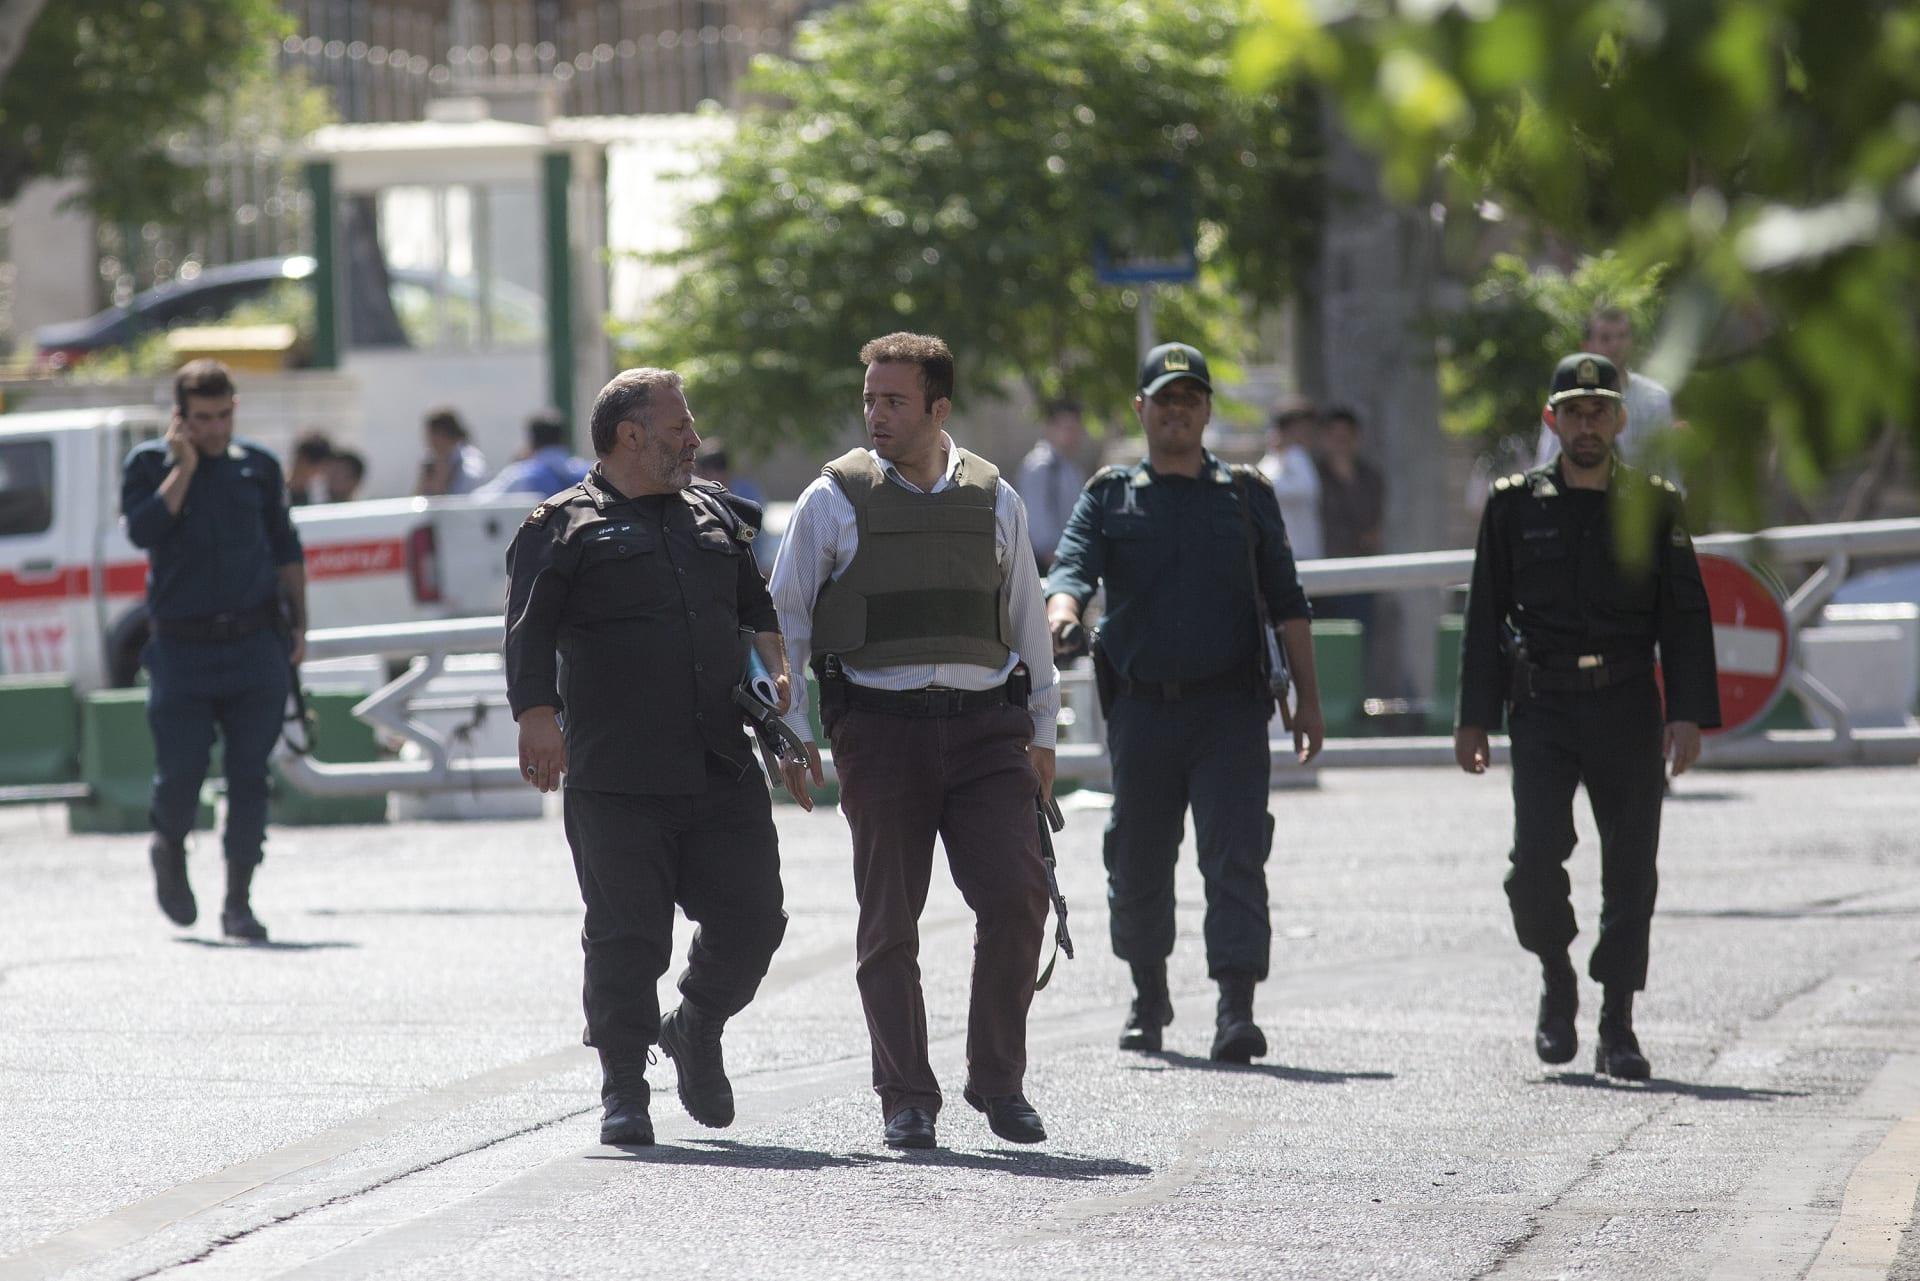 مقتل 3 أشخاص بانفجار بميناء مدينة جابهار جنوب شرق إيران